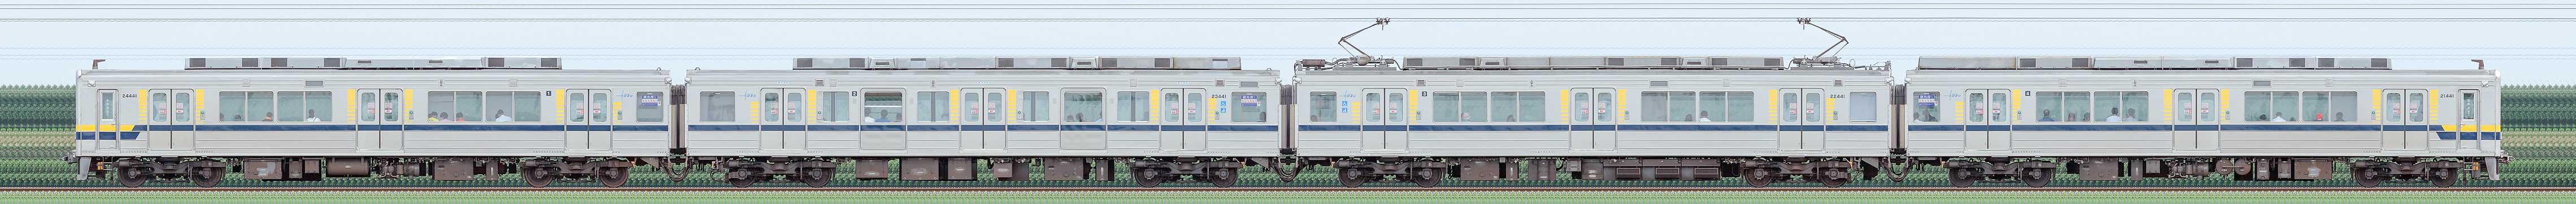 東武20400型21441編成(山側)の編成サイドビュー